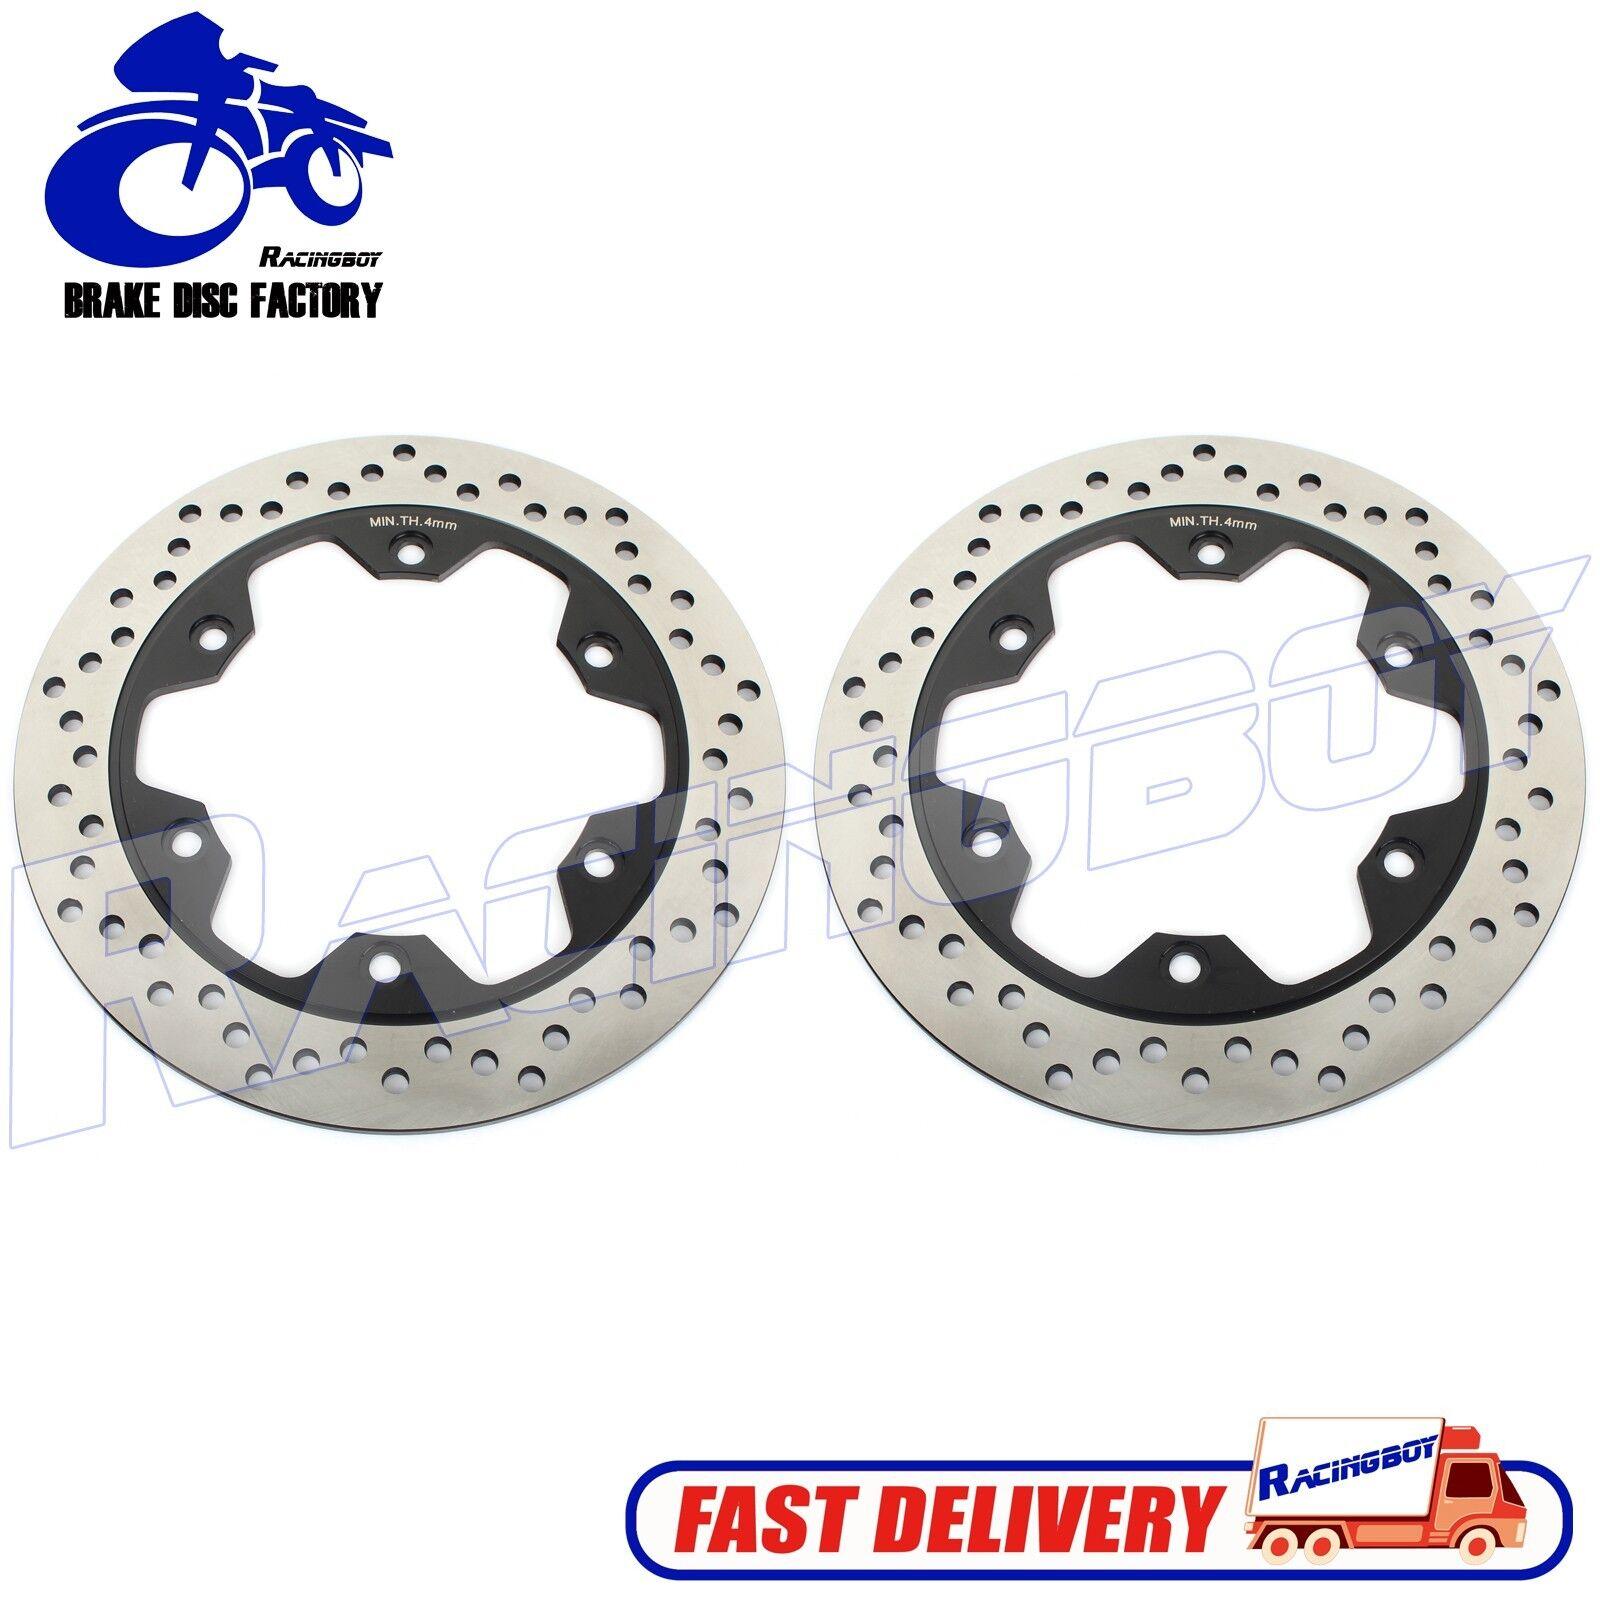 Brake Disc Rotor for Honda VFR400 R 87-88,VFR400 Z 87,VFR750 F 86-87,for Triumph